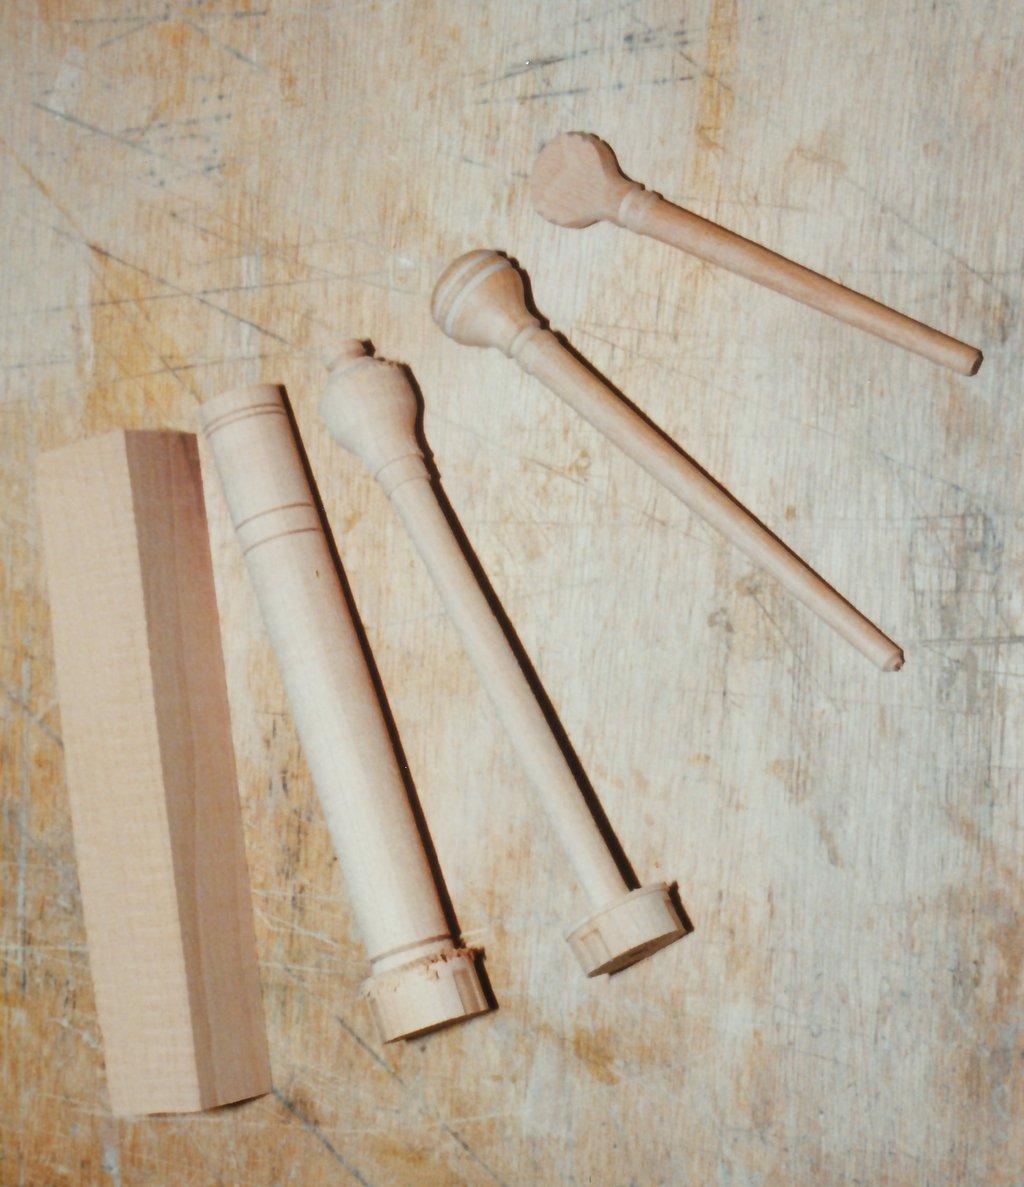 Fabrication d'instruments de musique anciens de bgire - Page 2 3Lr6Ib-1994-Orpharion-53